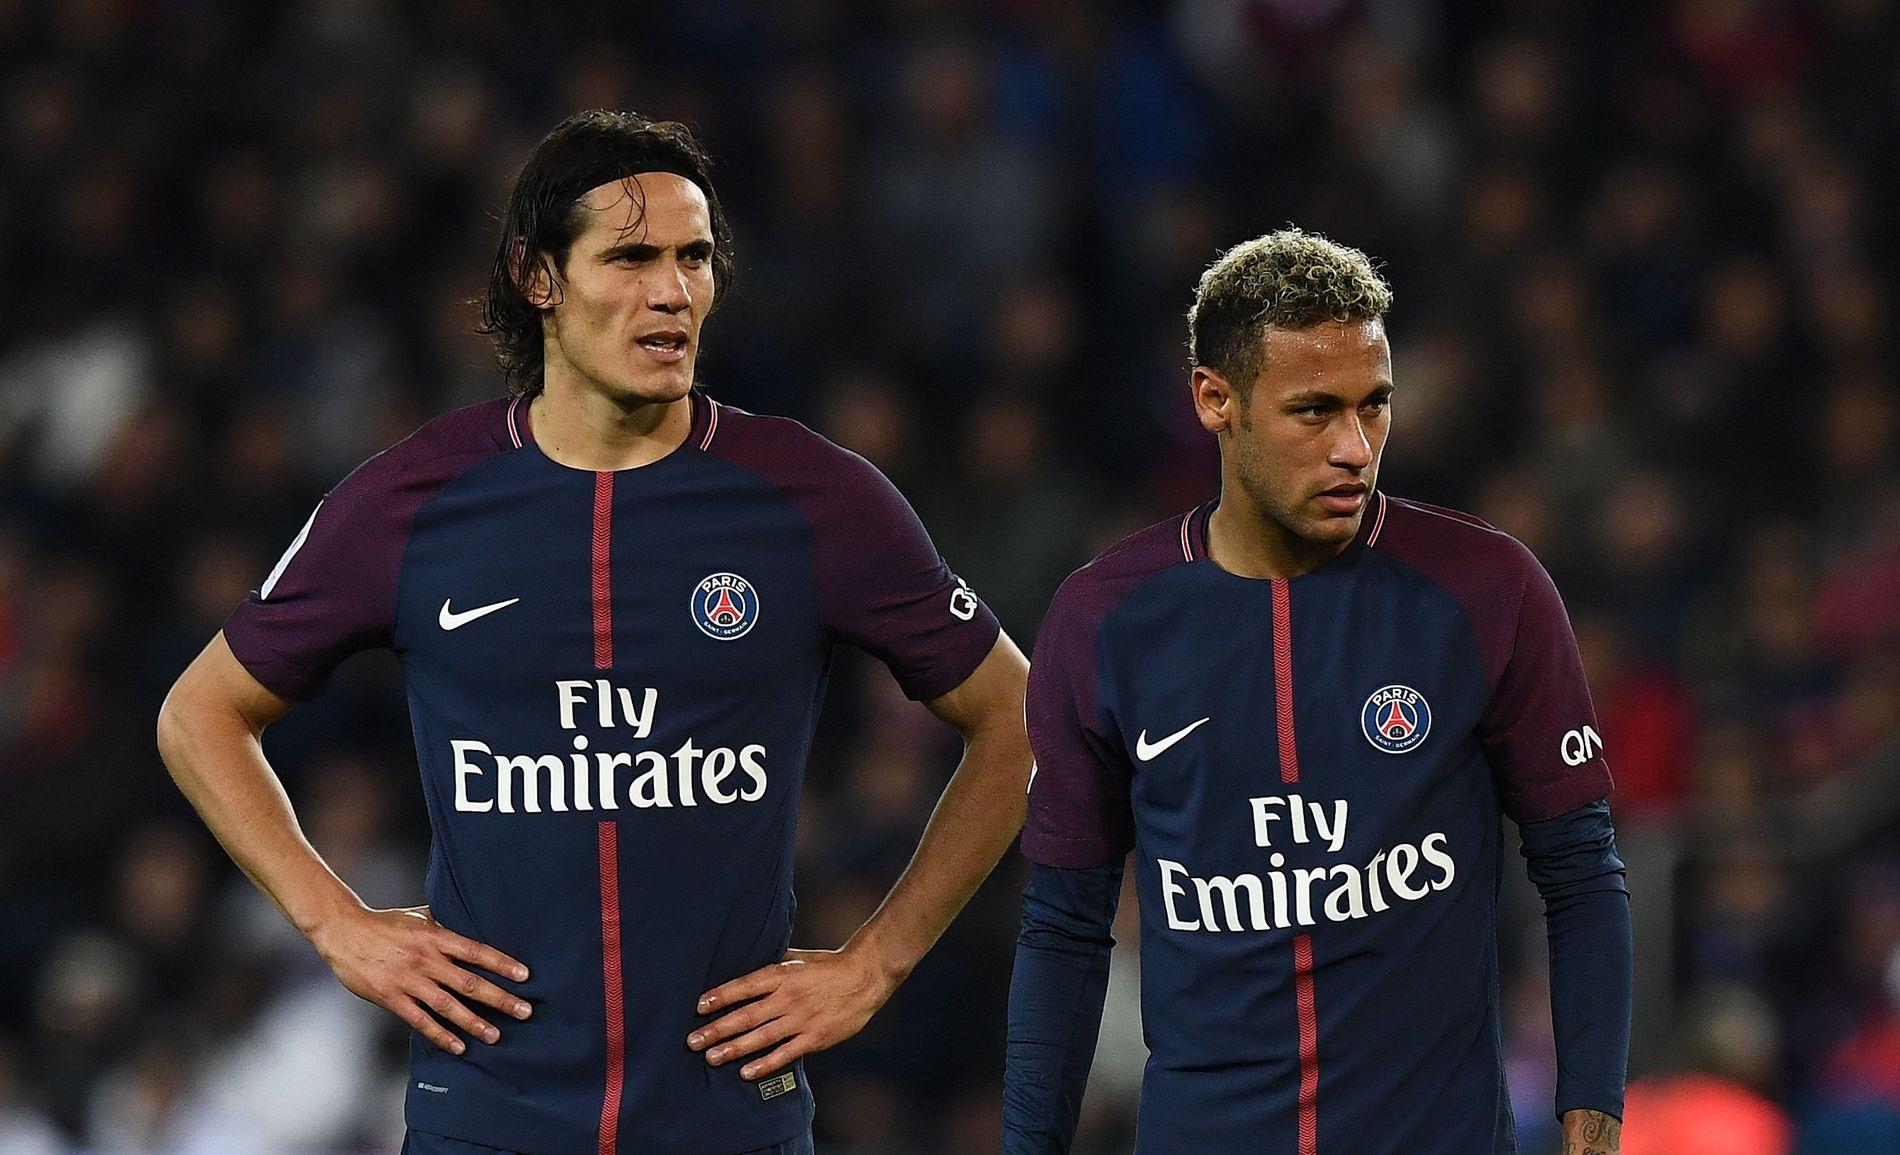 KRANGLET OM STRAFFE: Neymar prøvde å overtale Edinson Cavani om å la ham skyte straffe mot Lyon. Det har skapt reaksjoner.